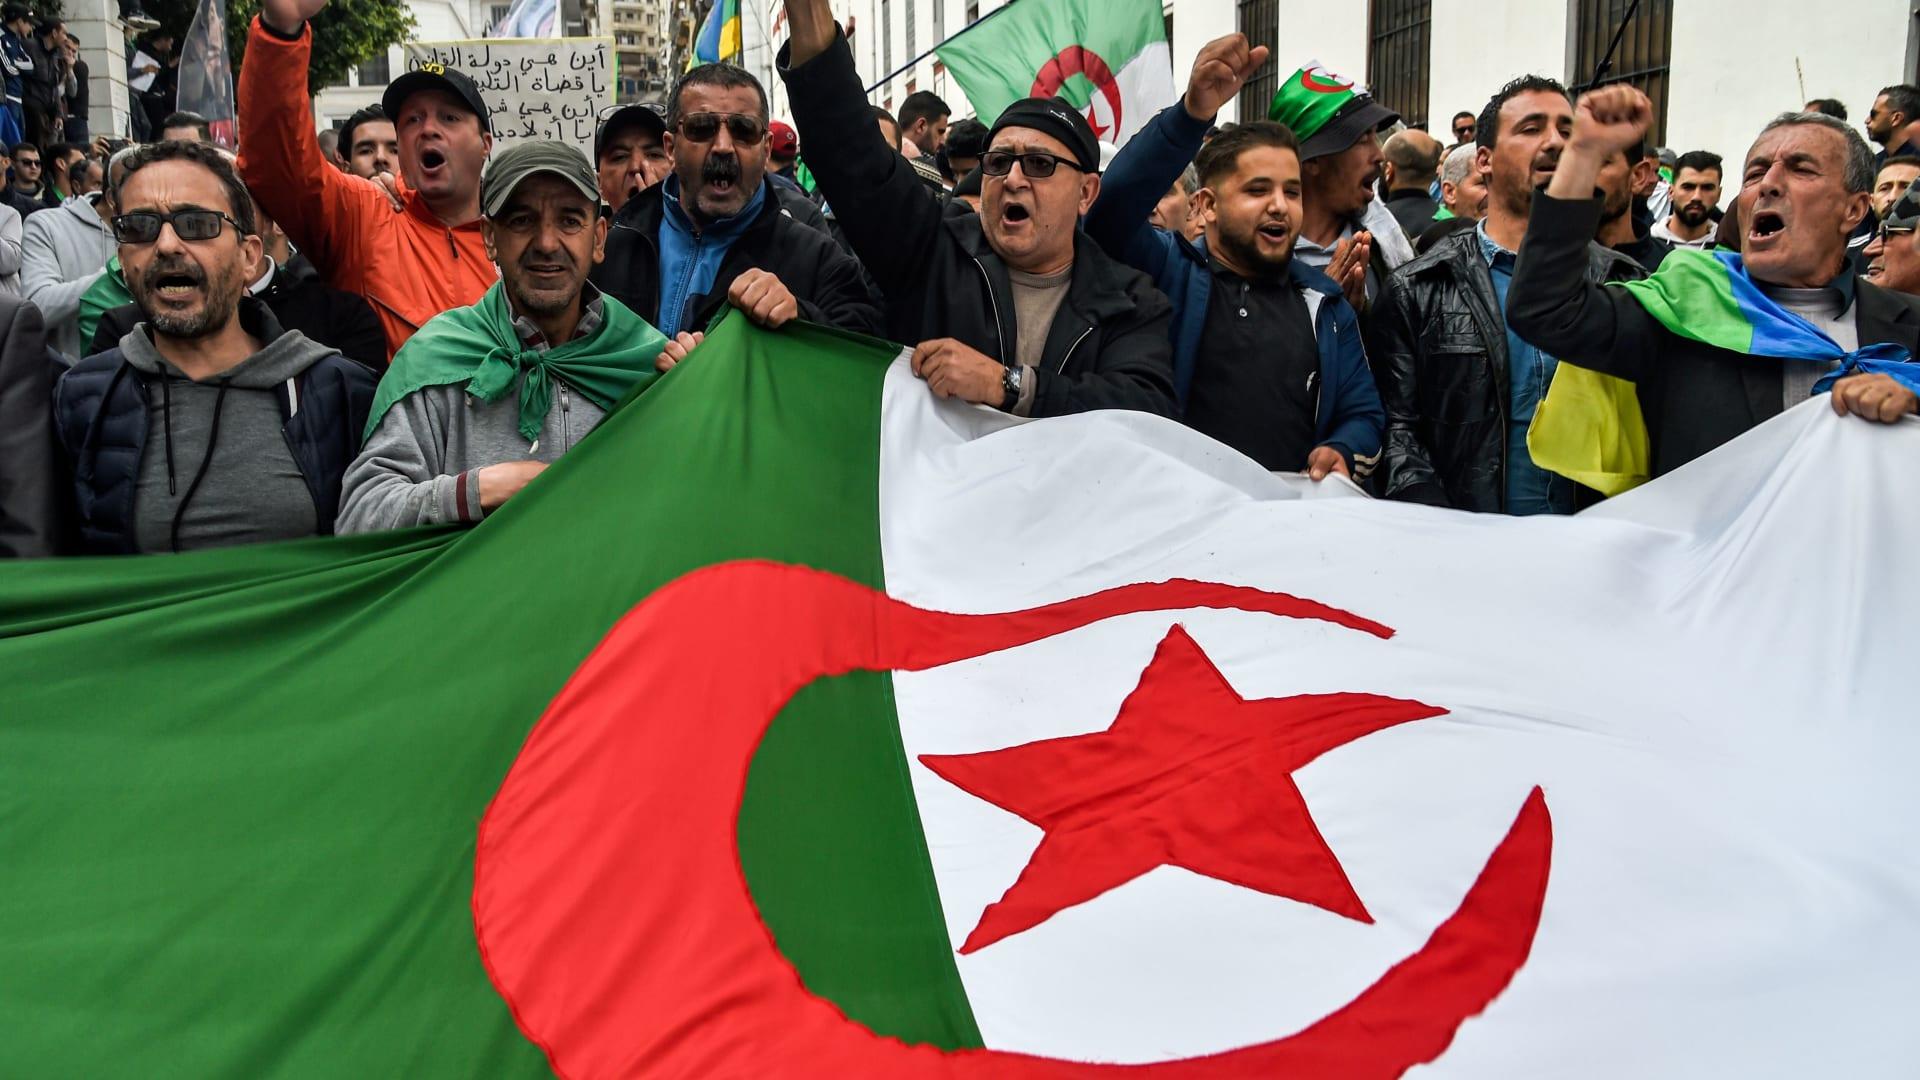 الجزائر: طرح مشروع تعديل الدستور للاستفاء في 1 نوفمبر المقبل